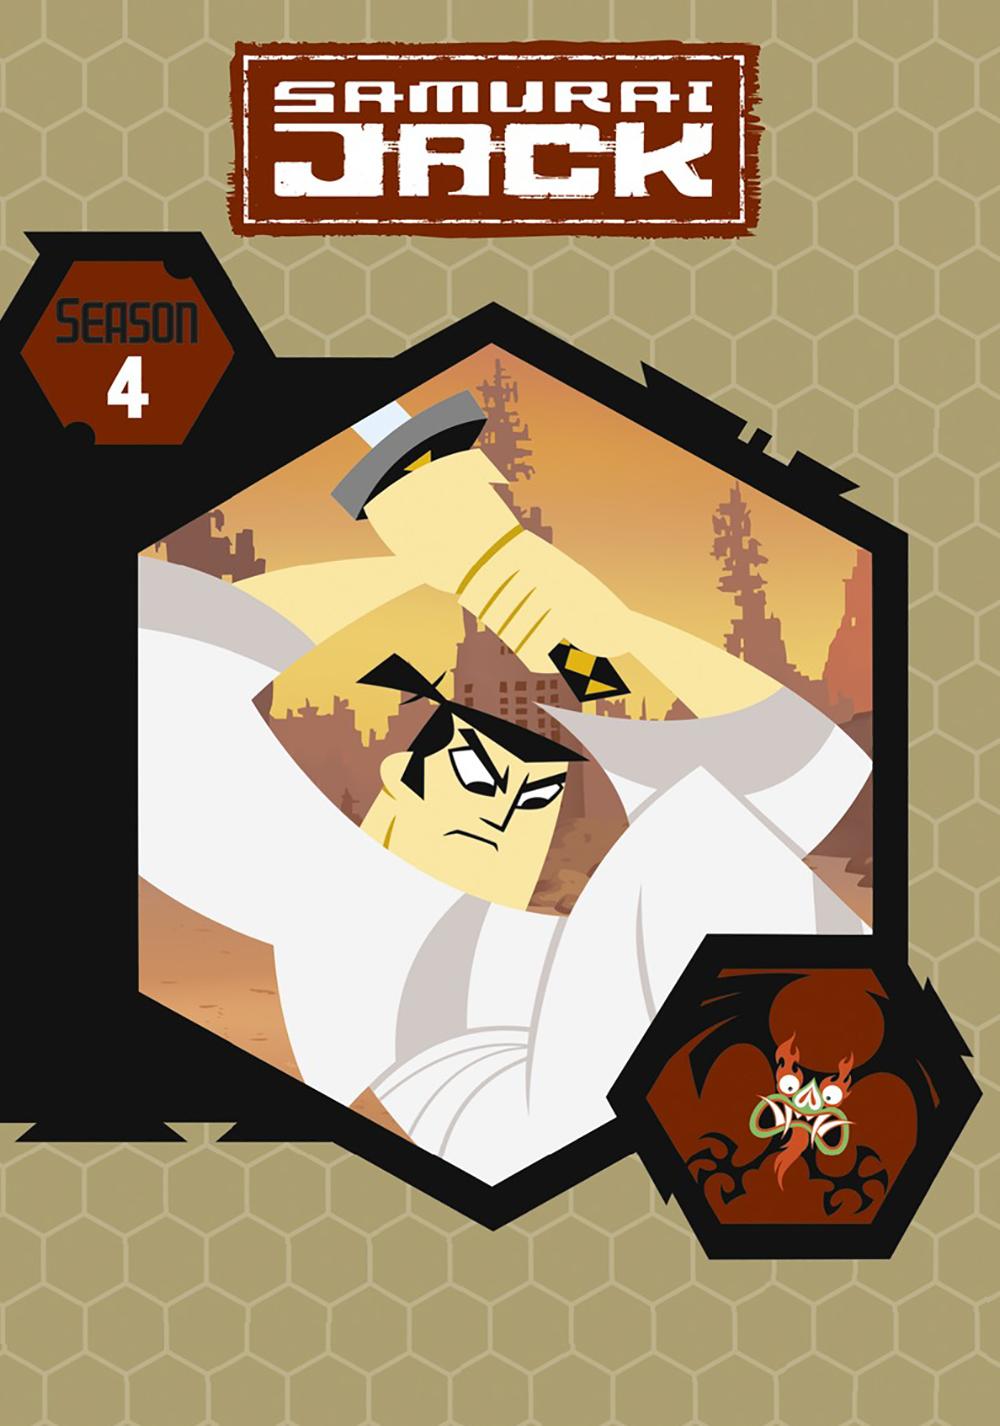 Samurai Jack | TV fanart | fanart.tv